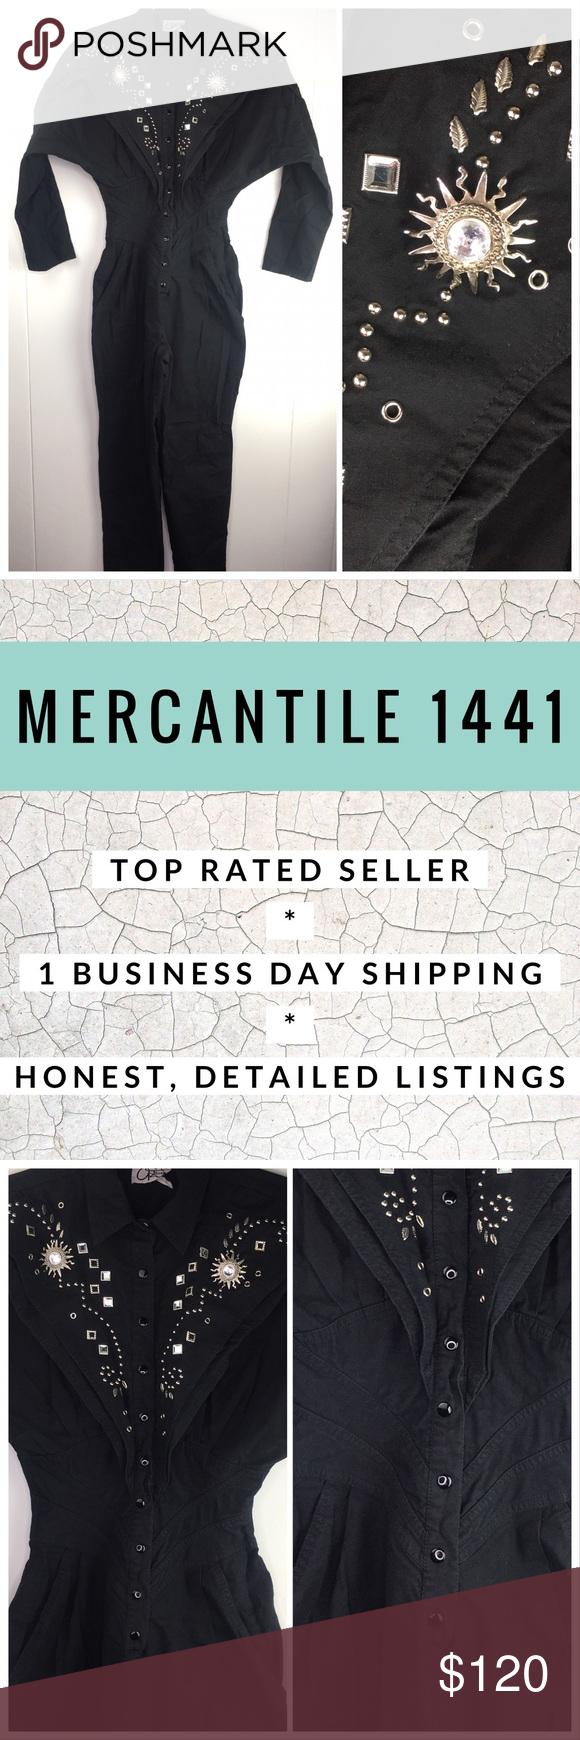 mercantile1441